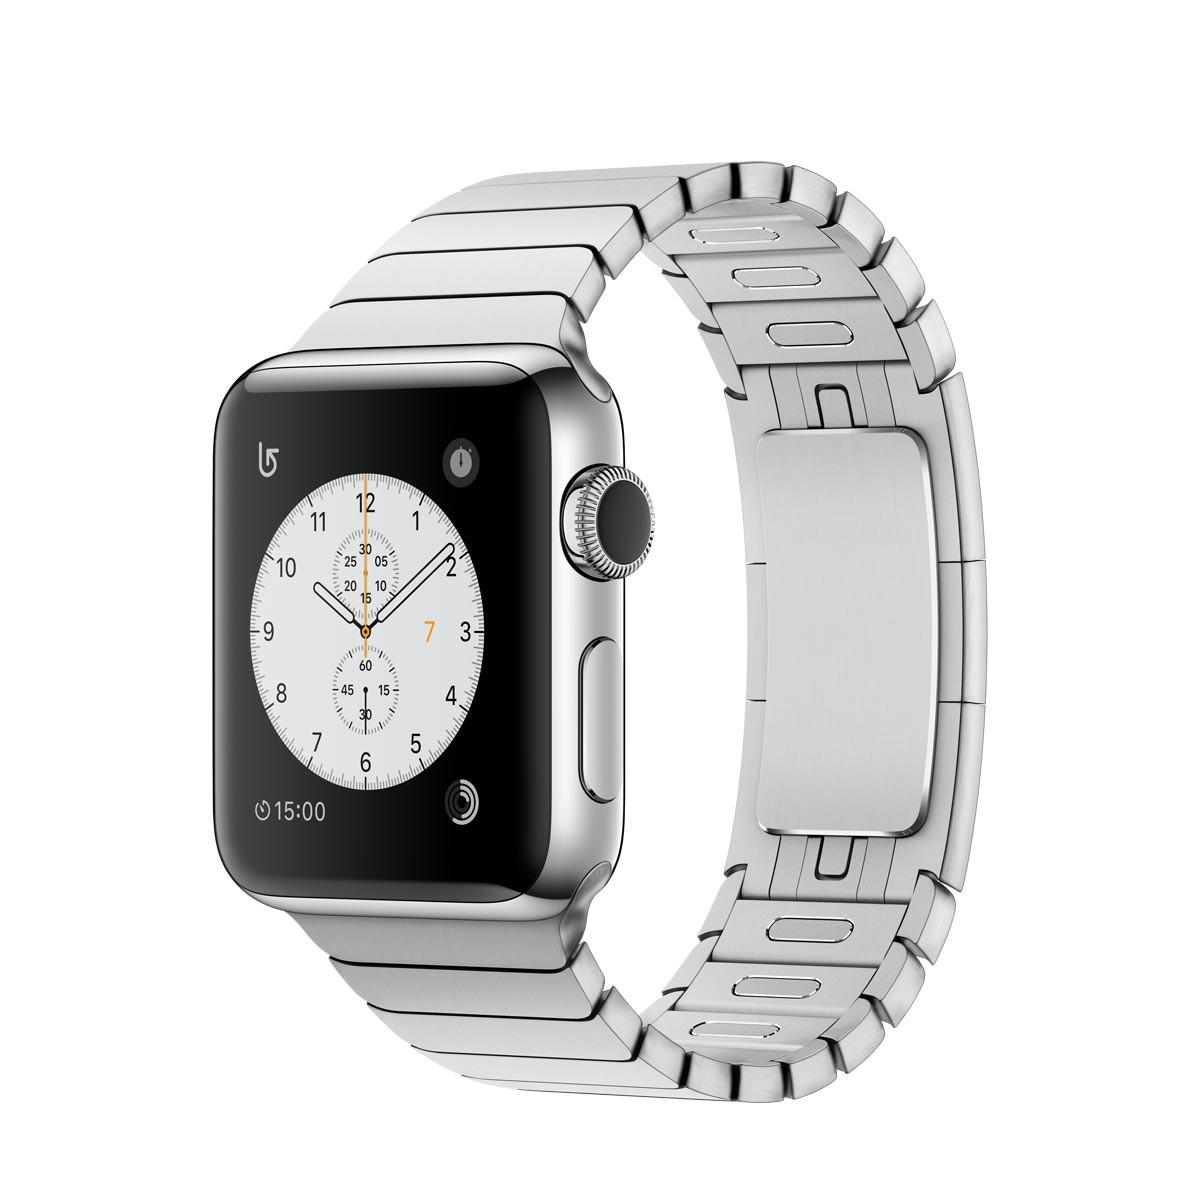 Apple Watch Series 2 - 38mm pouzdro z nerezové oceli – článkový tah